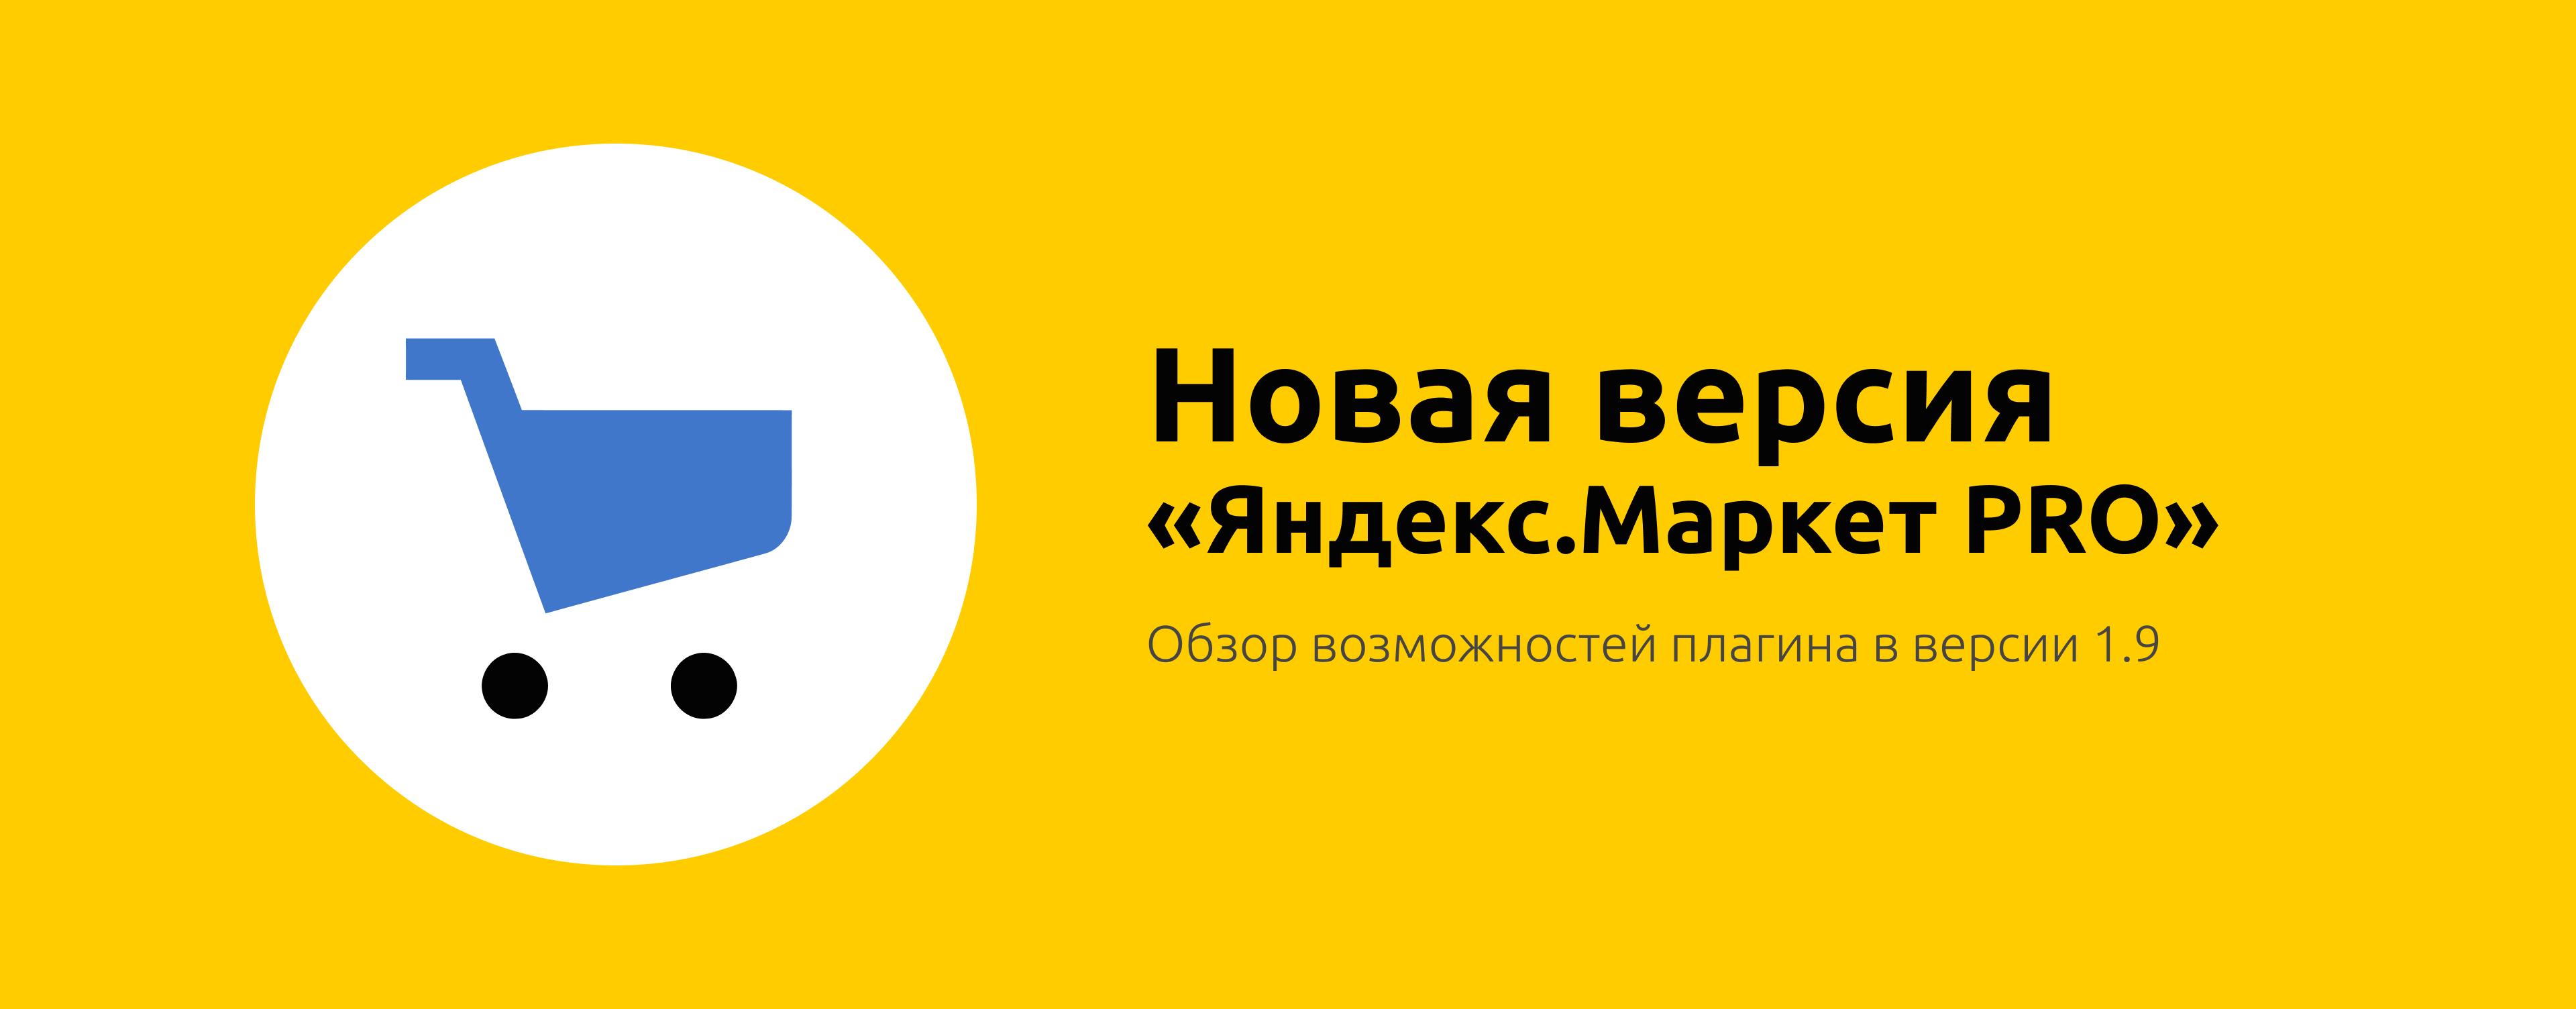 """Обновление """"Яндекс.Маркет PRO"""" — обзор возможностей версии 1.9"""